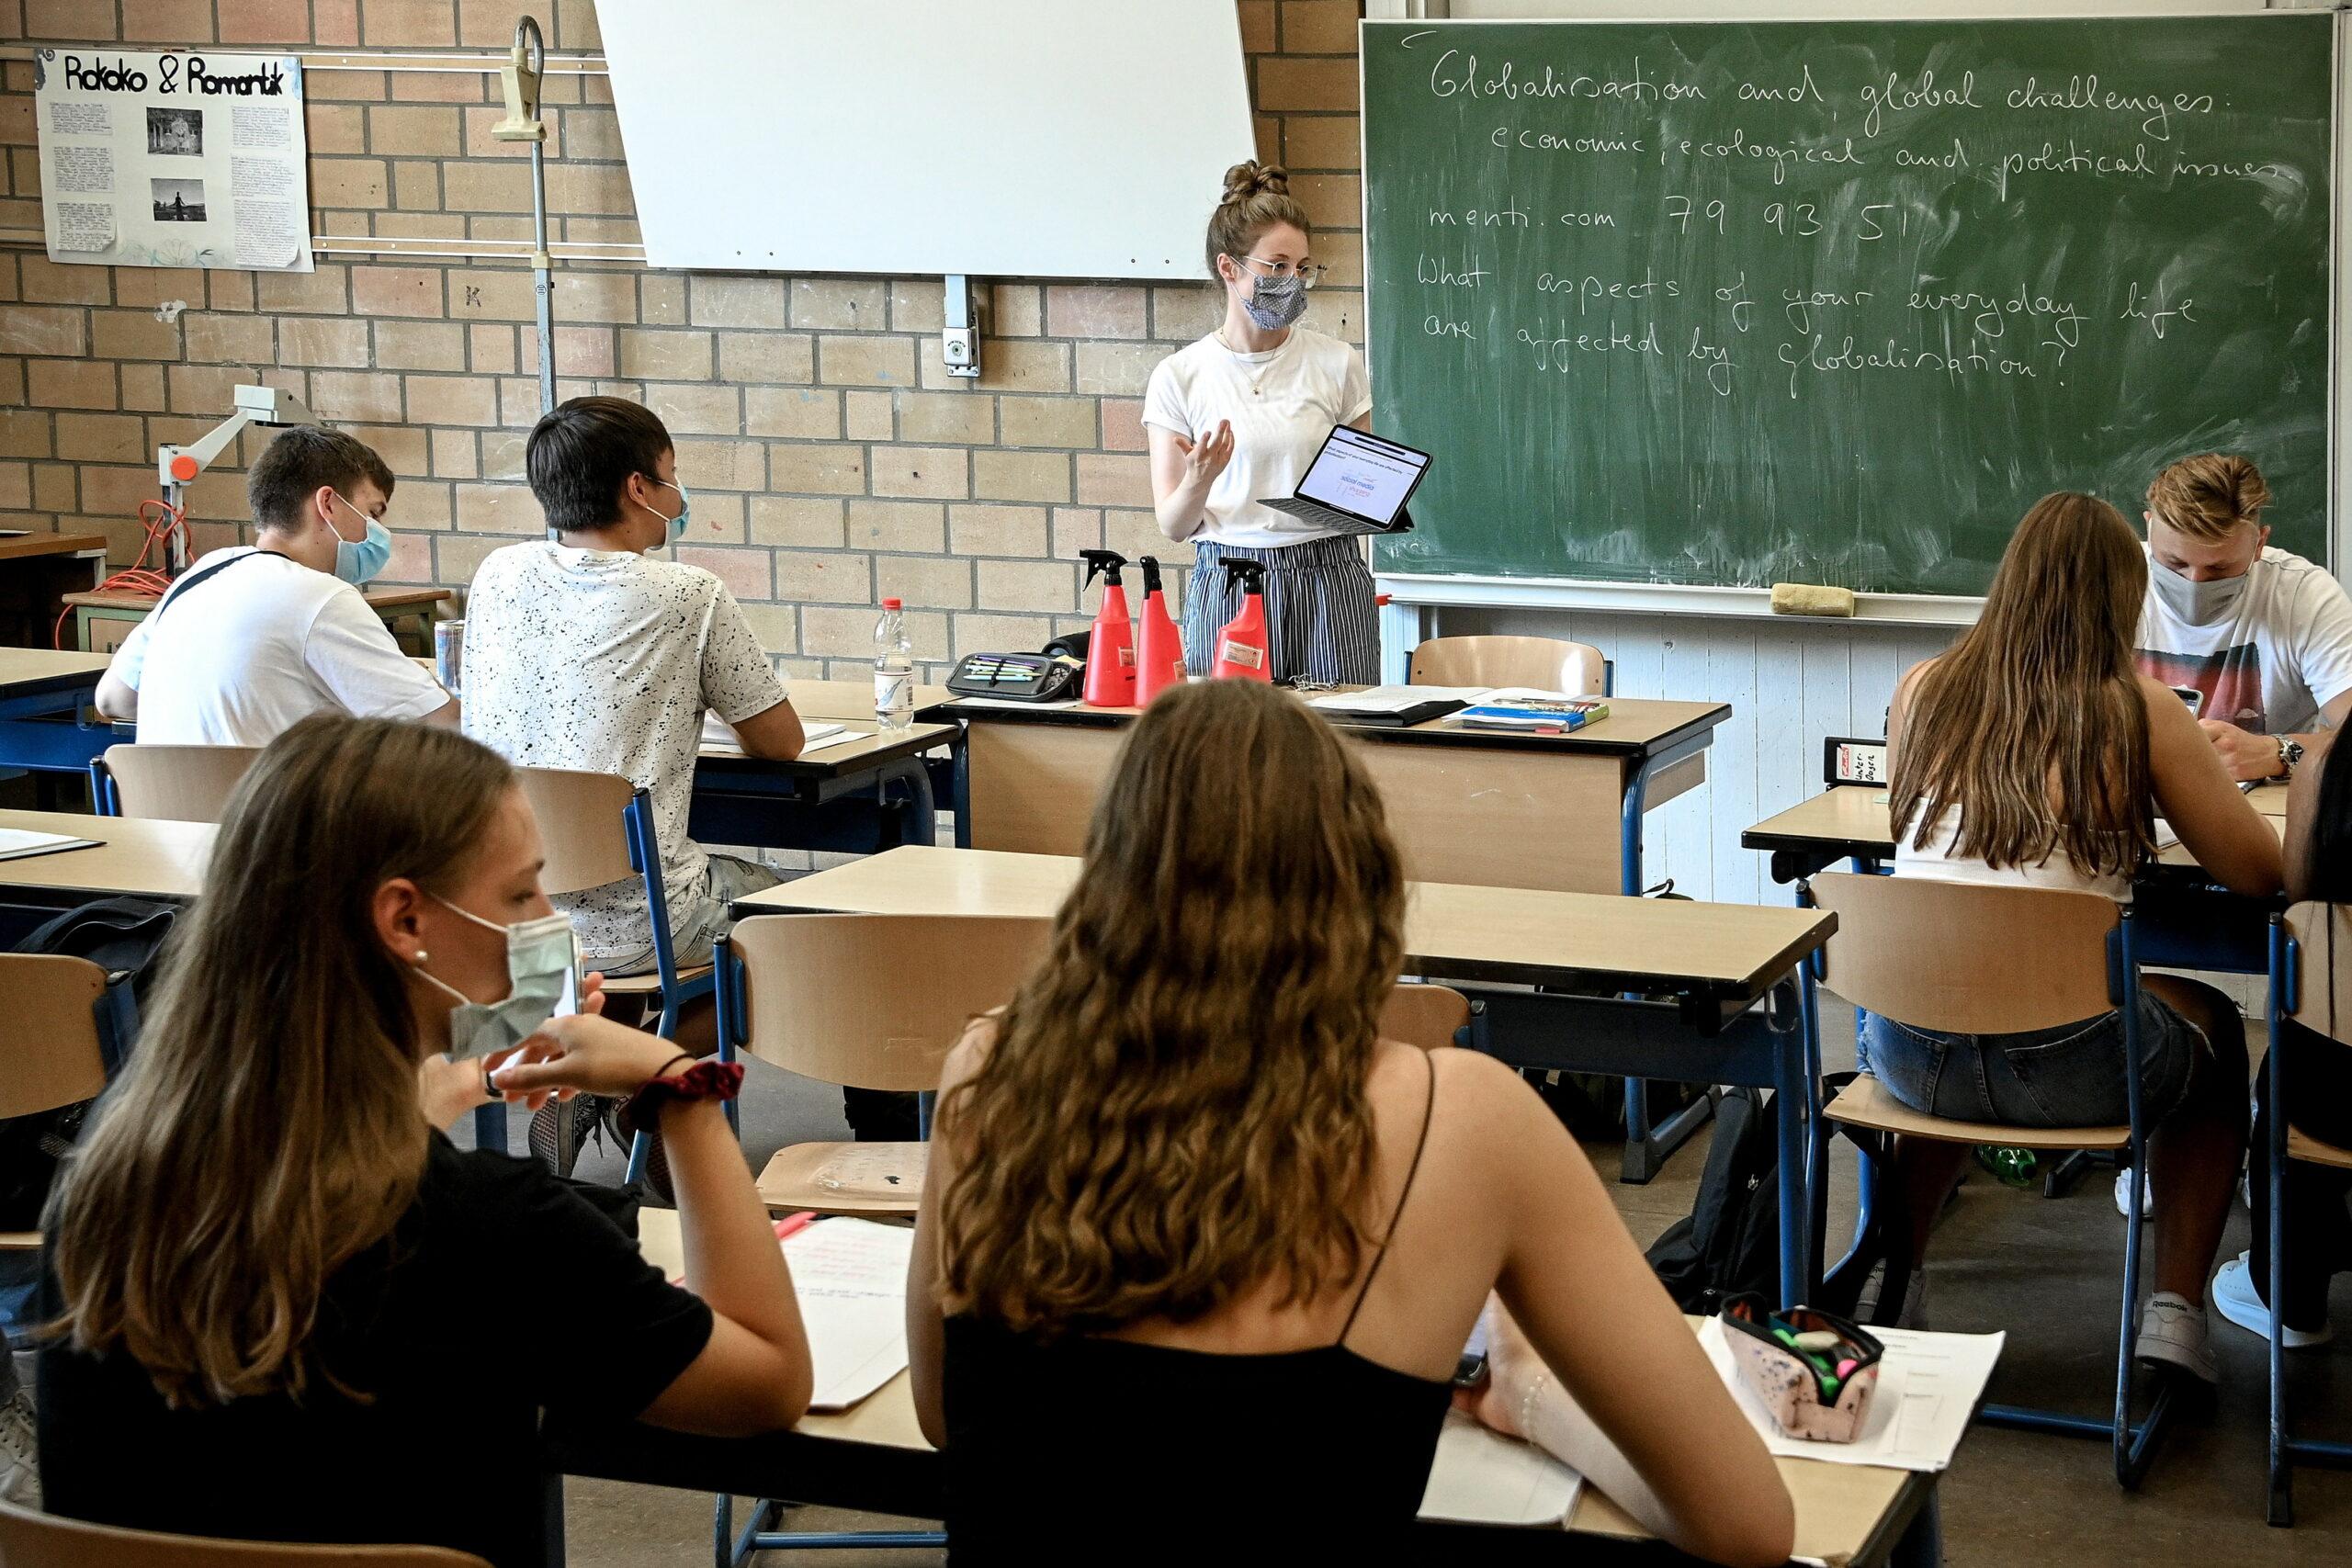 Școlile din România, la un pas de a fi închise! Orban face anunțul zilei: Vom lua măsurile legale